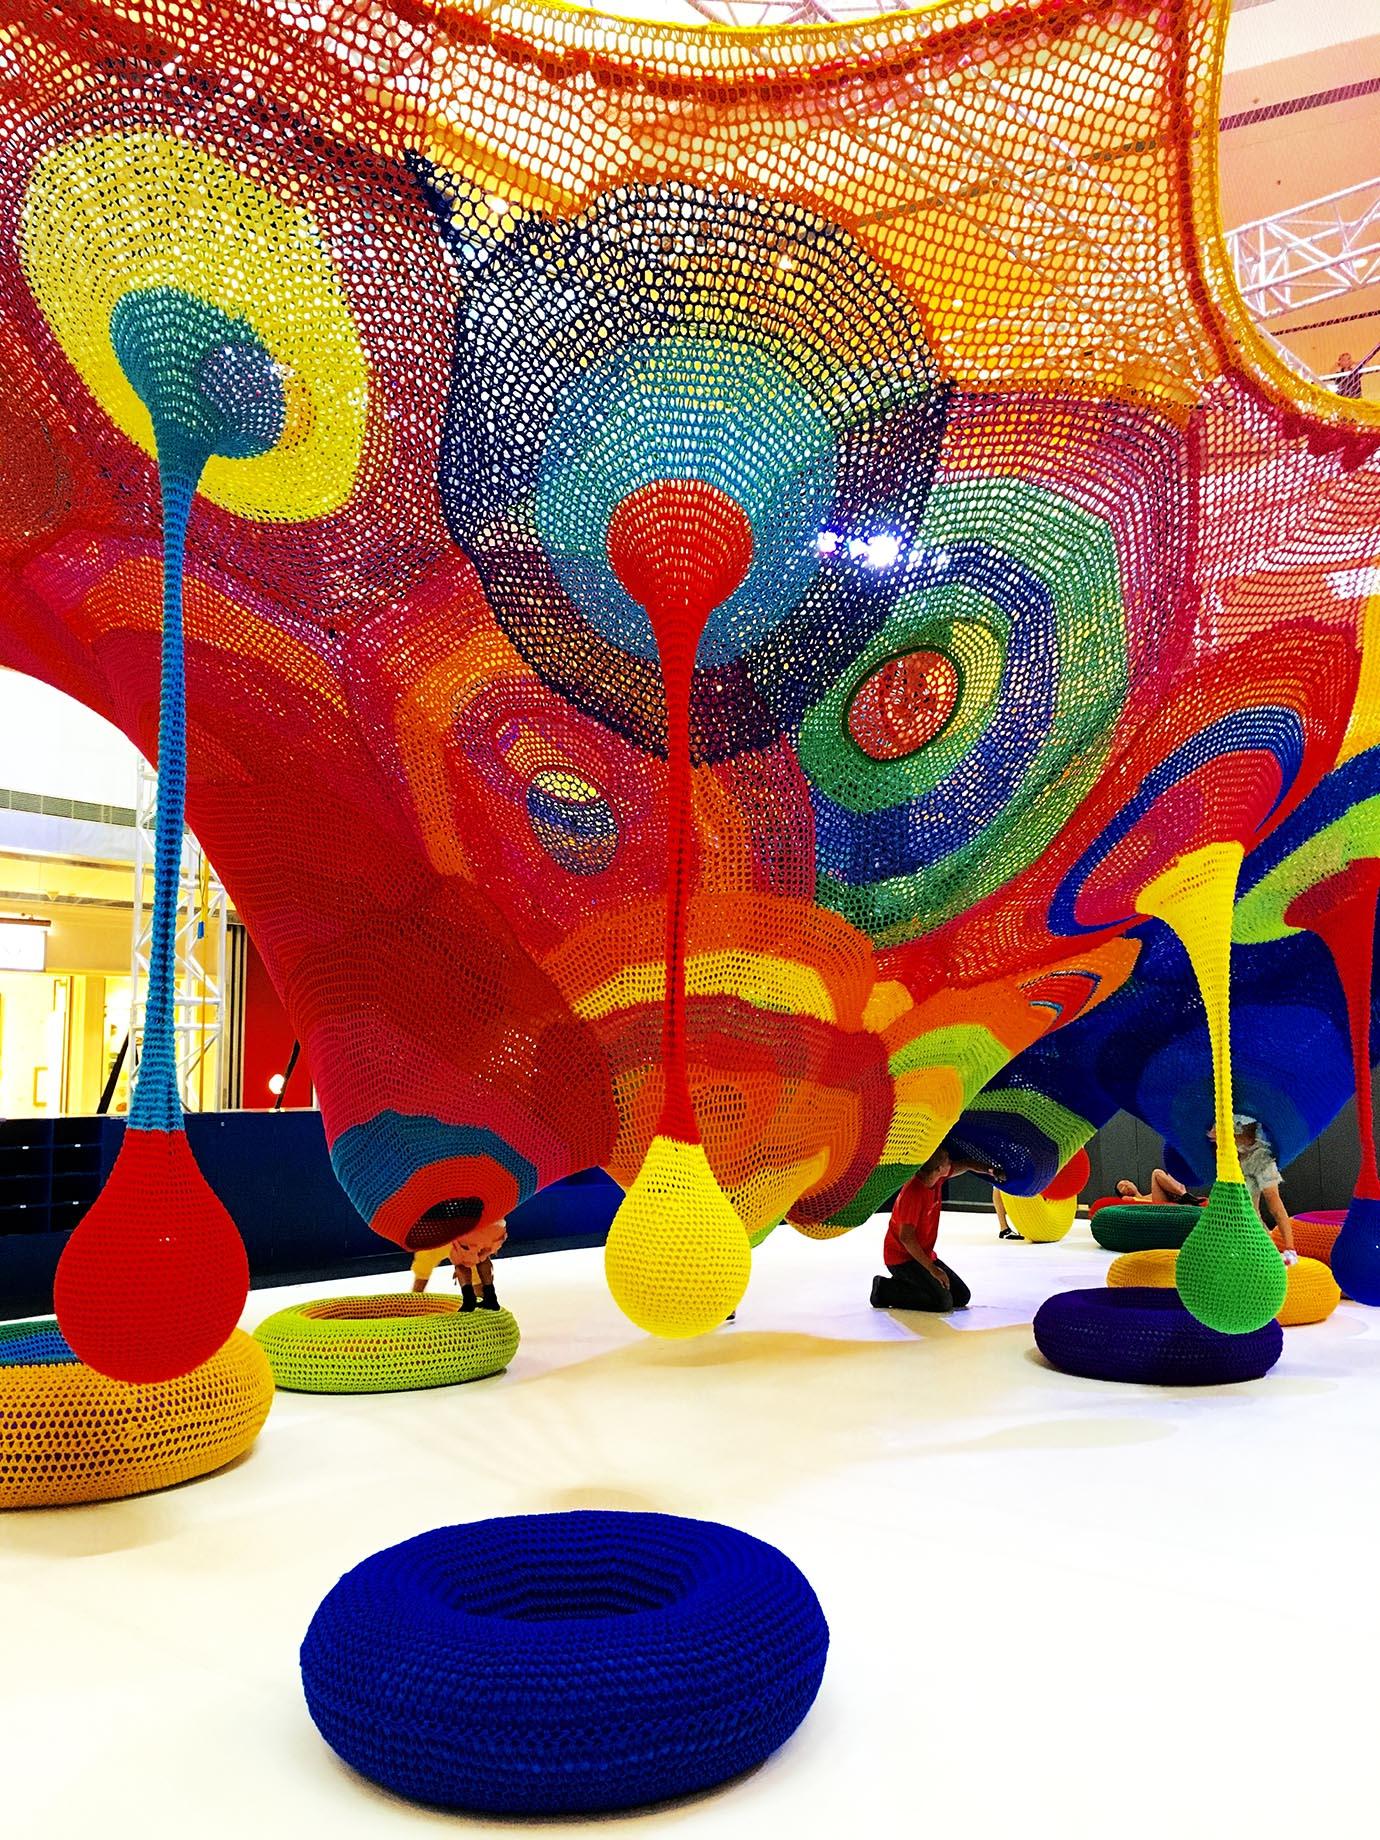 hongkong-colorful11